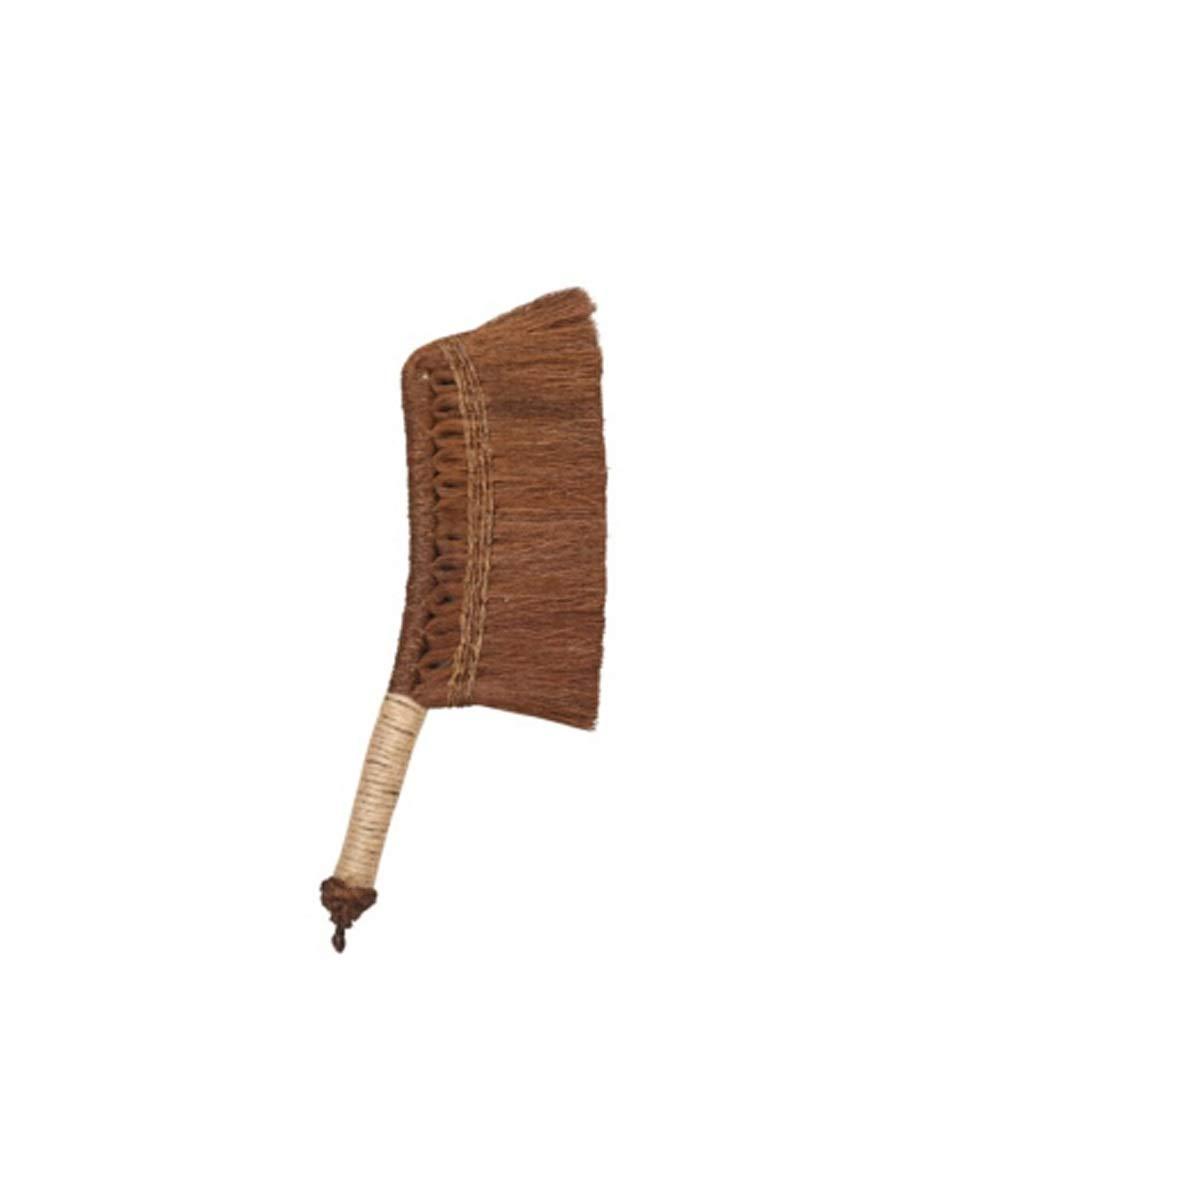 Hengtongtongxun Cleaning Brush, Manual Long Handle Bed Brush, Sofa Dusting Sweeping Machine Car Hair Brush, Small, Brown Brush, (Color : Brown)